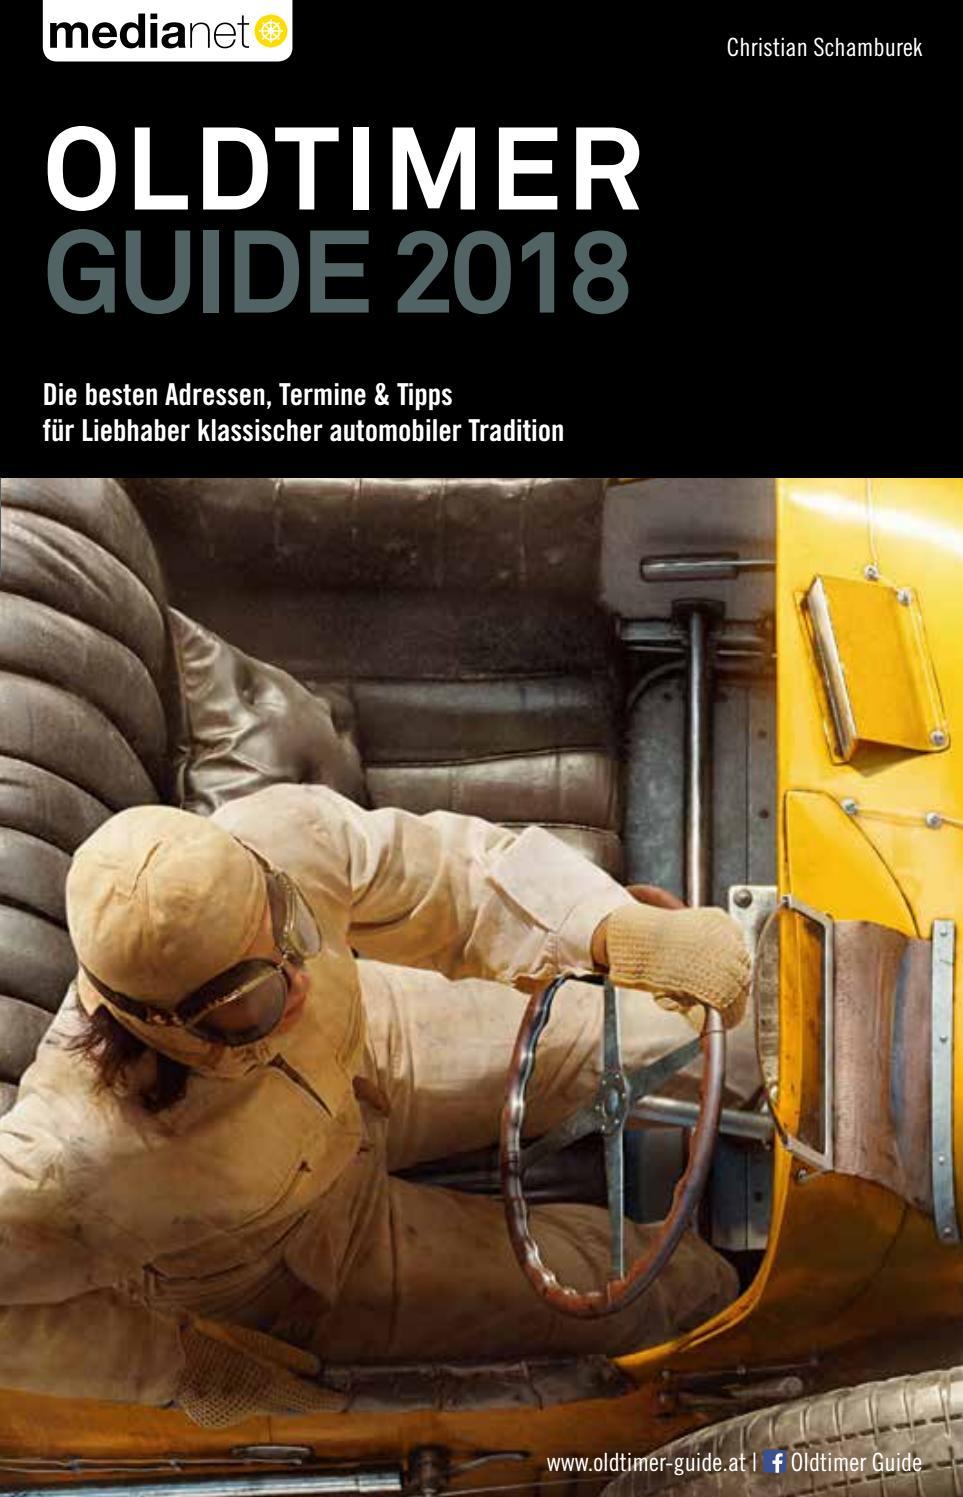 oldtimer guide 2018 by medianet issuu  Gnstig Venti 800 Schwar Krawatte Herren Online Bestellen P 2056 #20